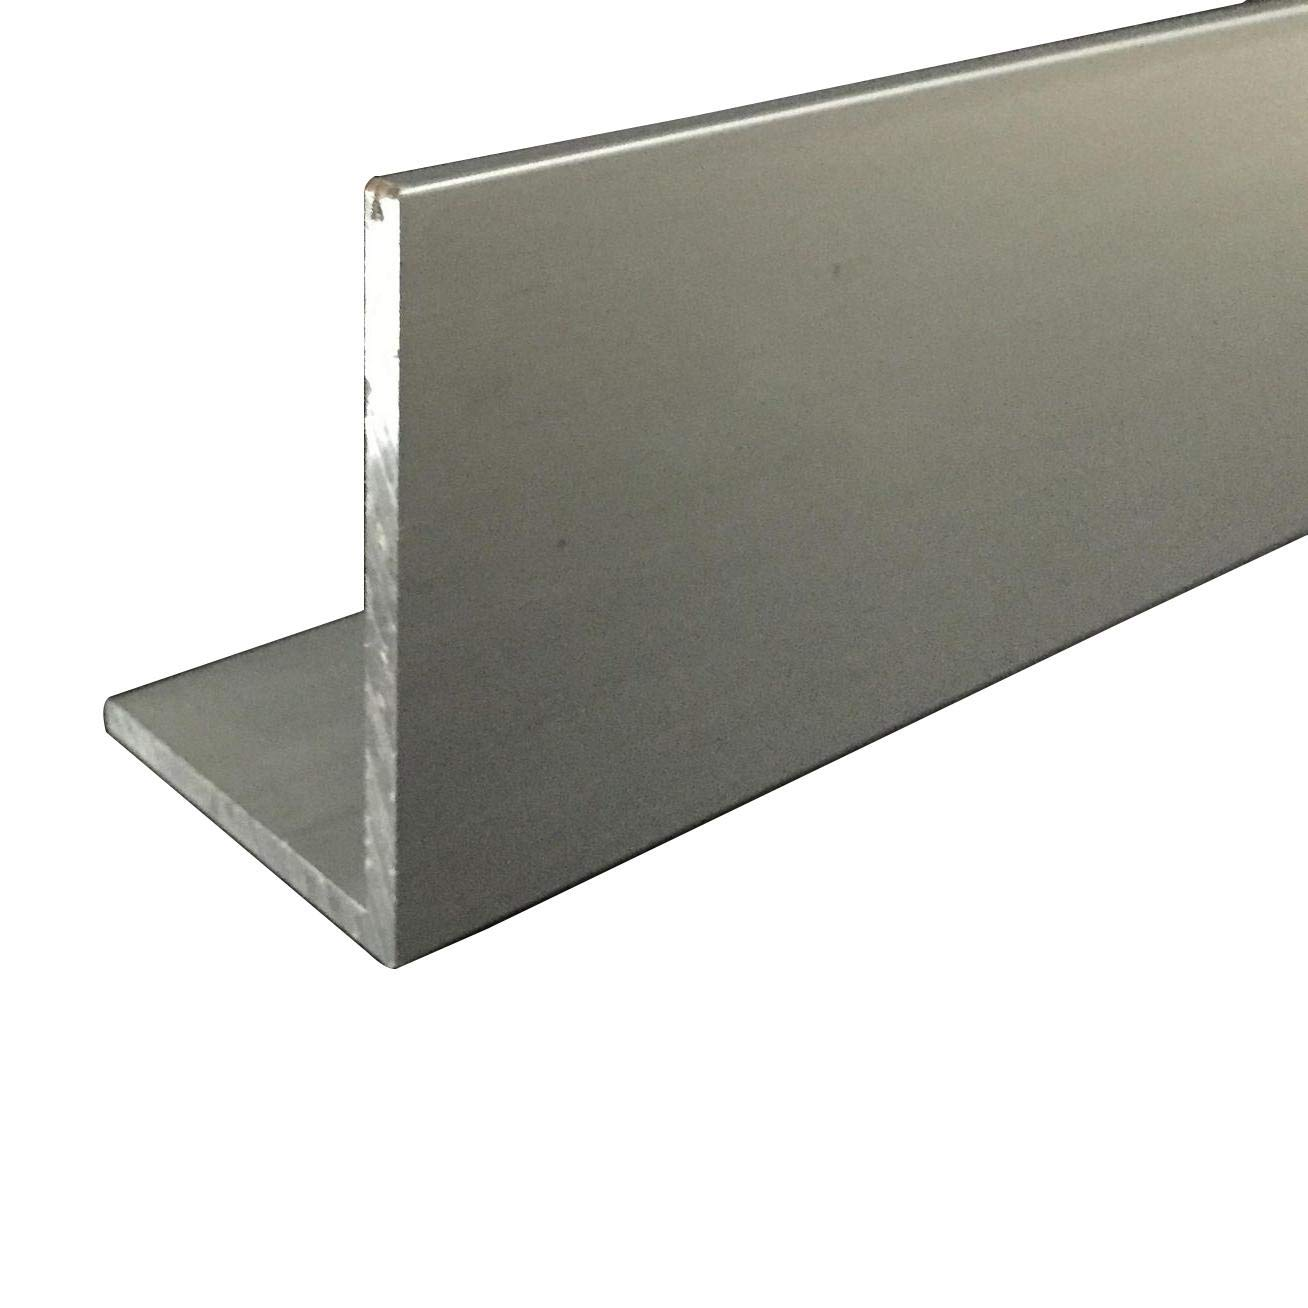 Long 3mm Thick 6063 T5 Aluminum Angle 2pcs 30mm x 60mm x 250mm 9.84